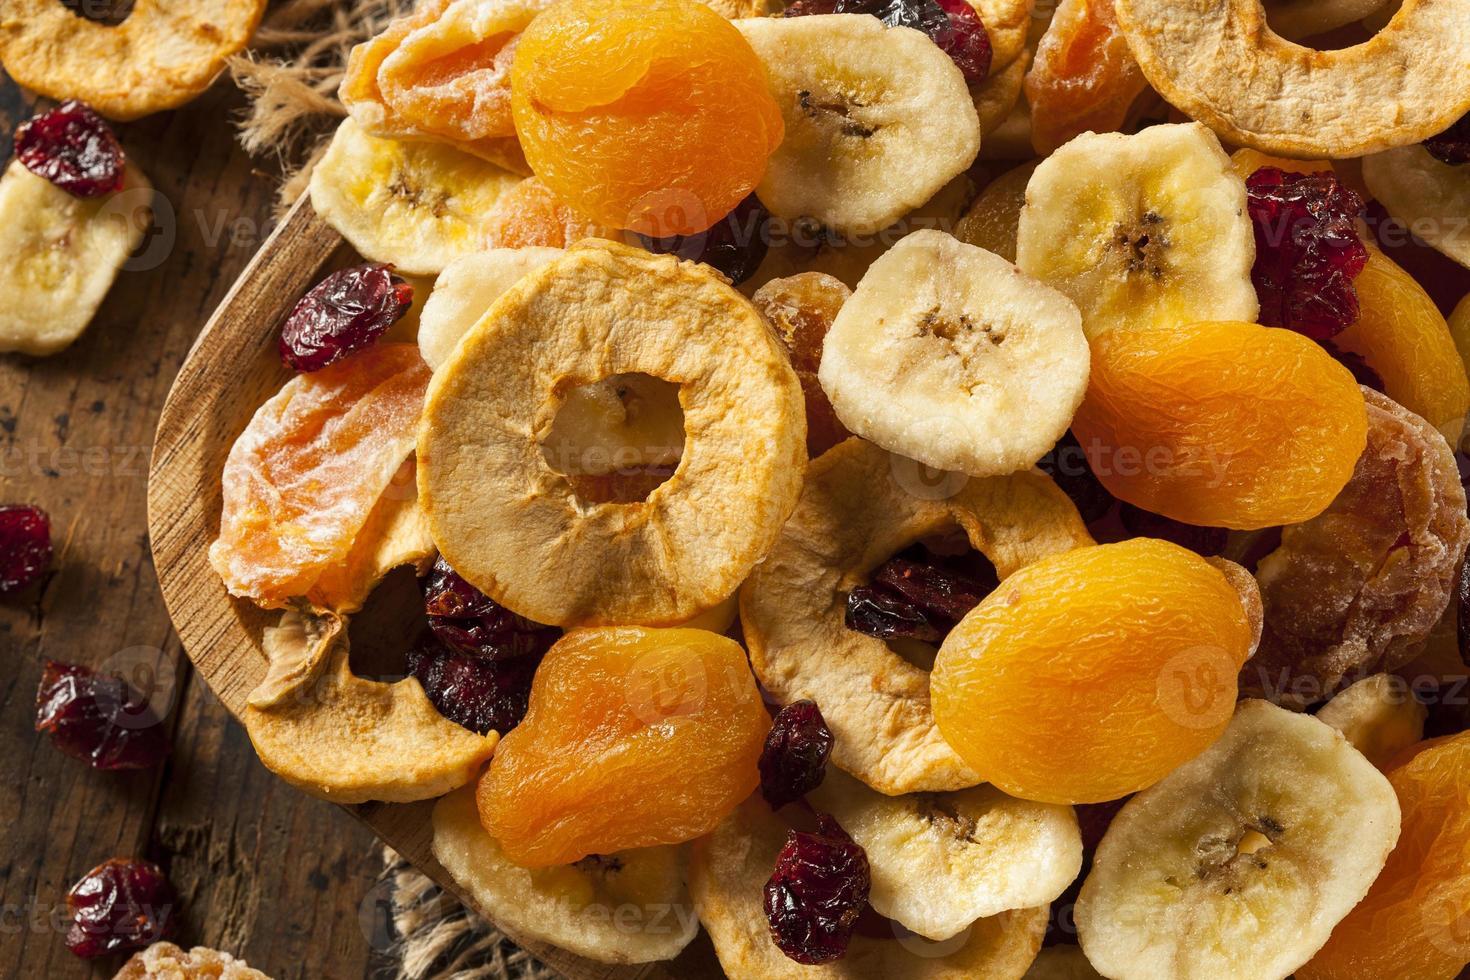 frutas secas surtidas orgánicas saludables foto